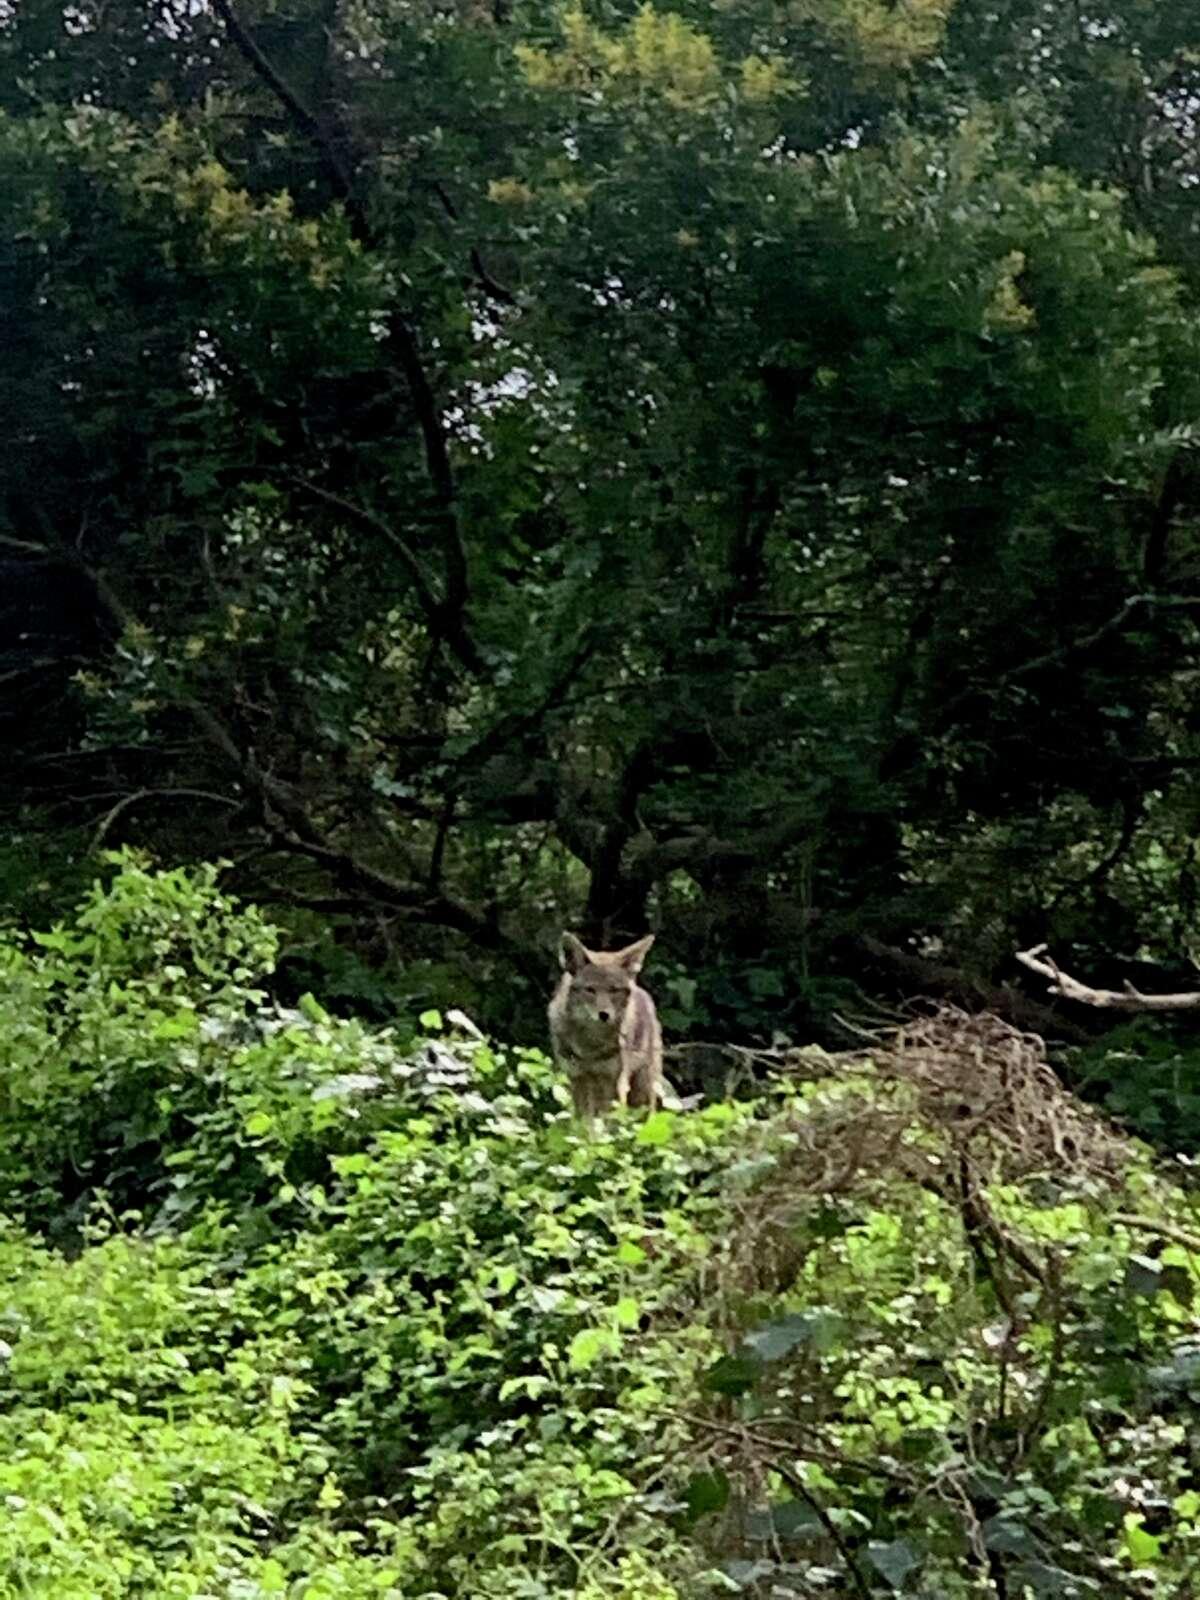 A coyote in Buena Vista Park, San Francisco